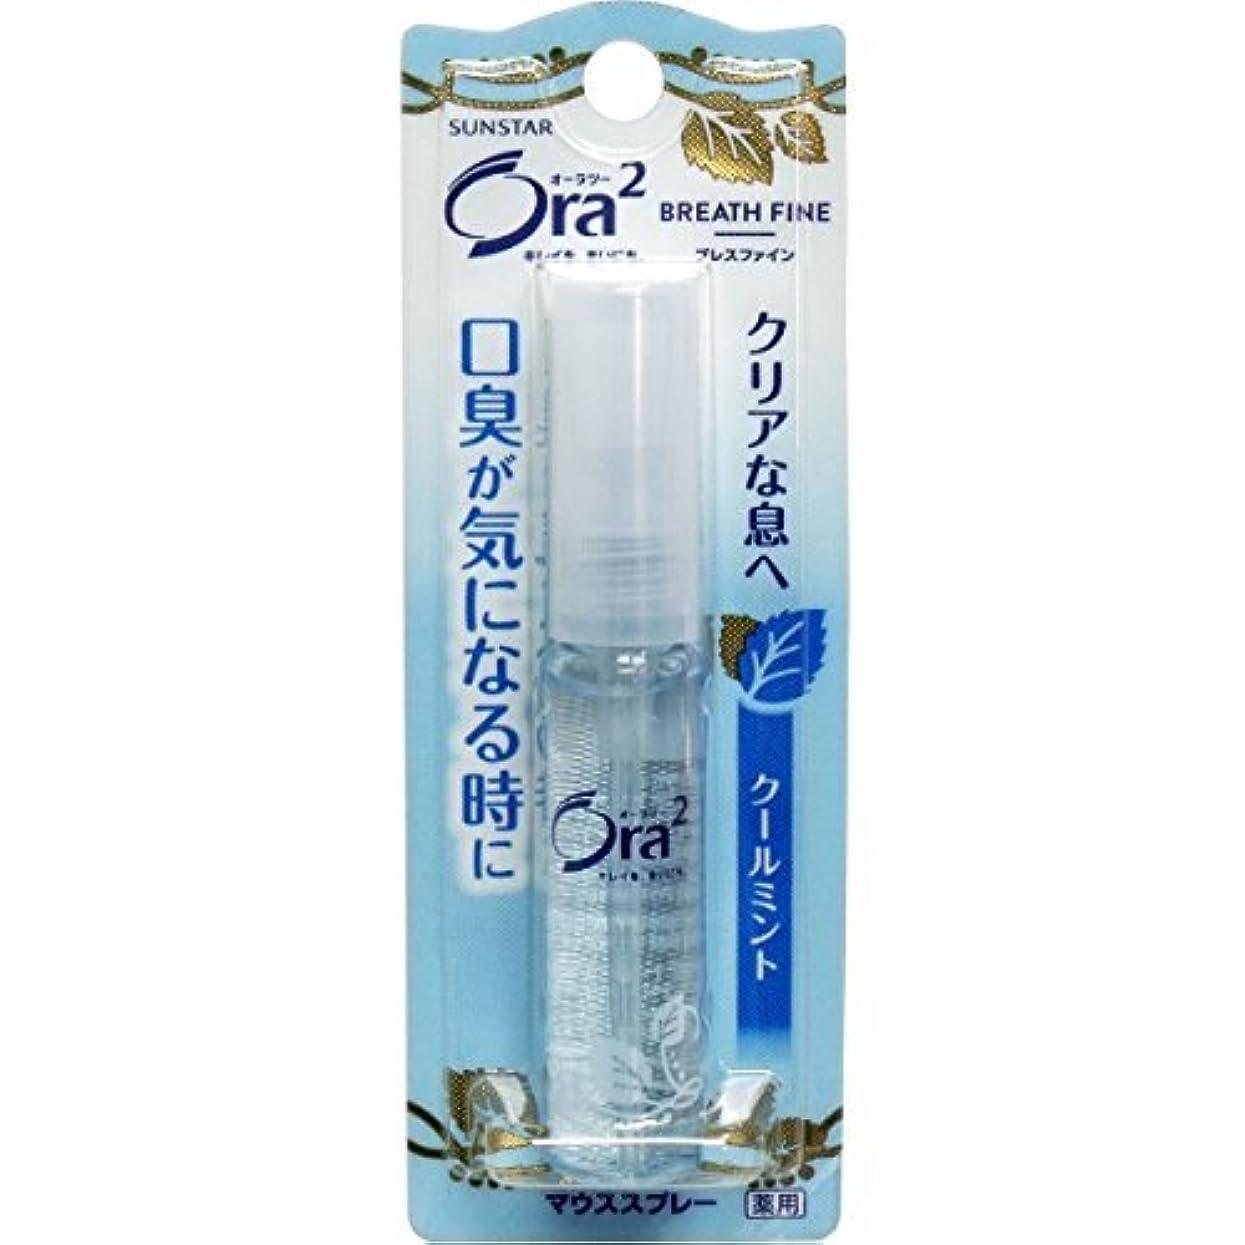 【サンスター】オーラツー(Ora2)ブレスファインマウススプレー クールミント 6ml ×20個セット